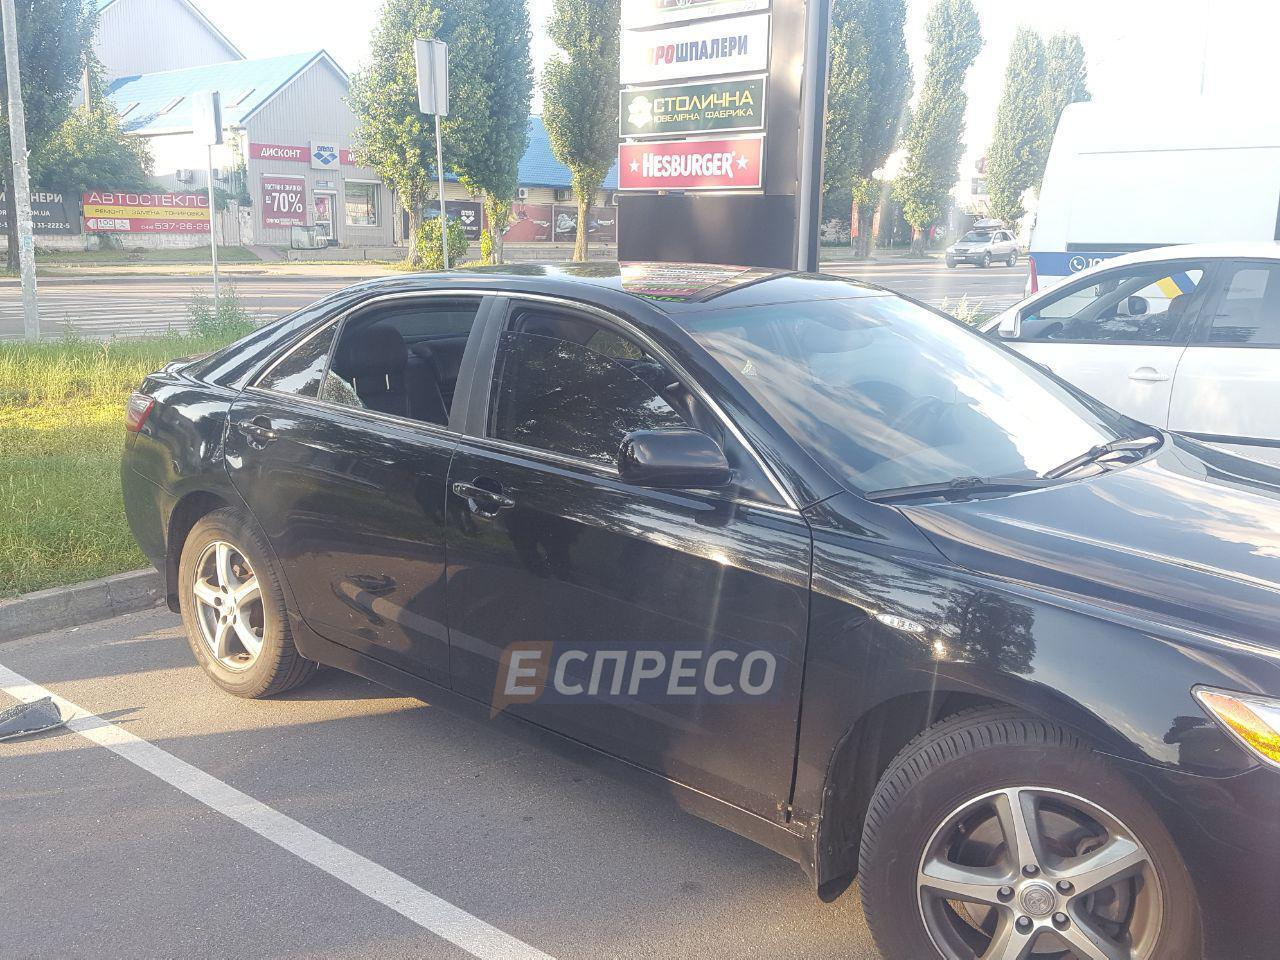 У Києві обстріляли автомобіль і викрали 2 млн